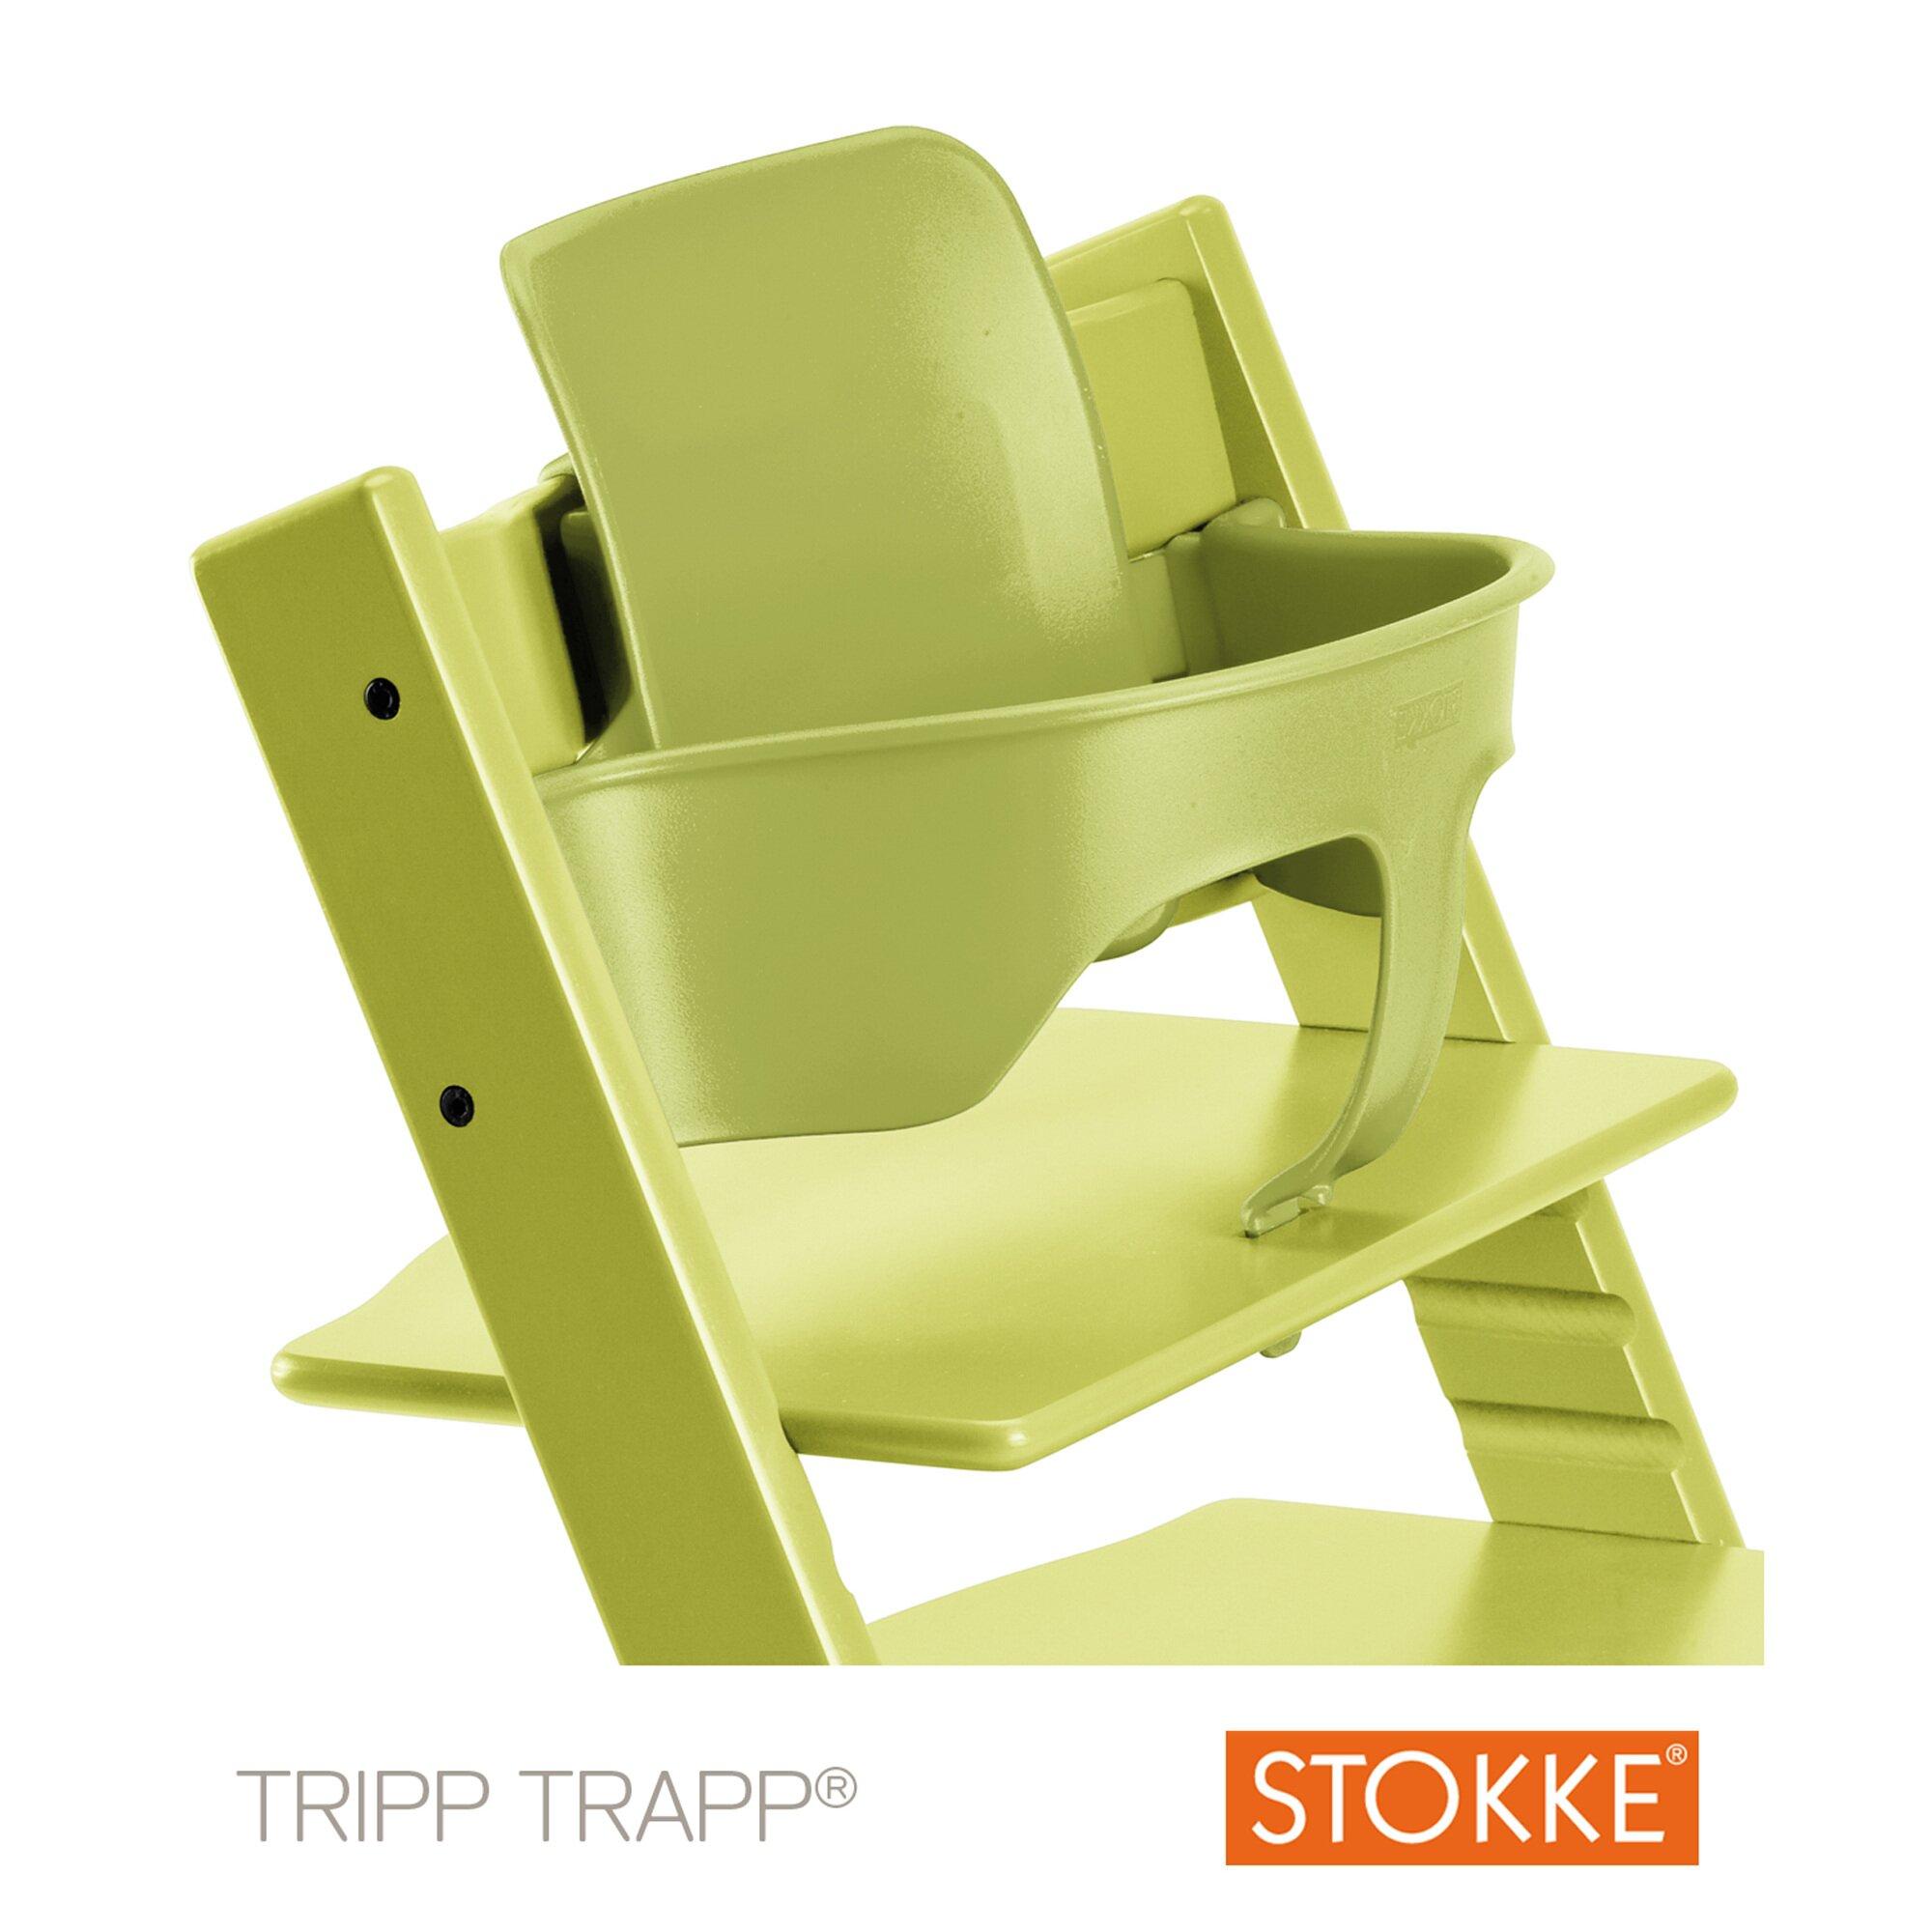 stokke tripp trapp kinder baby. Black Bedroom Furniture Sets. Home Design Ideas